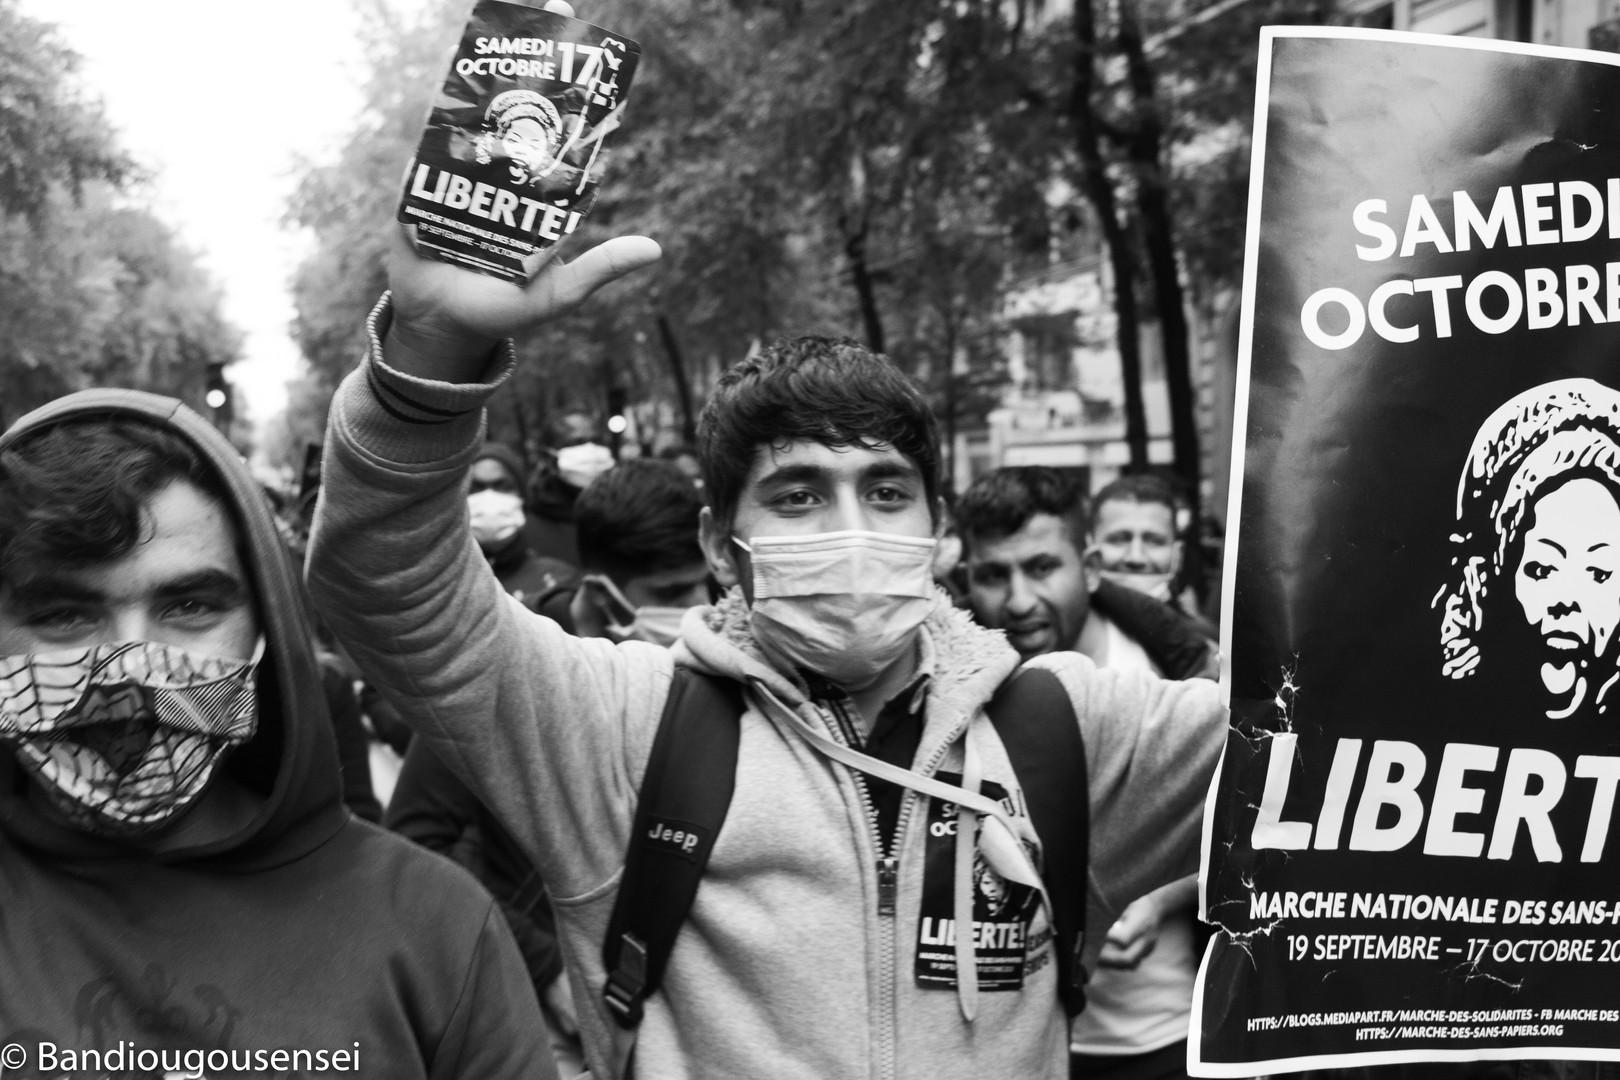 Marche national sans-papier_-22.jpg